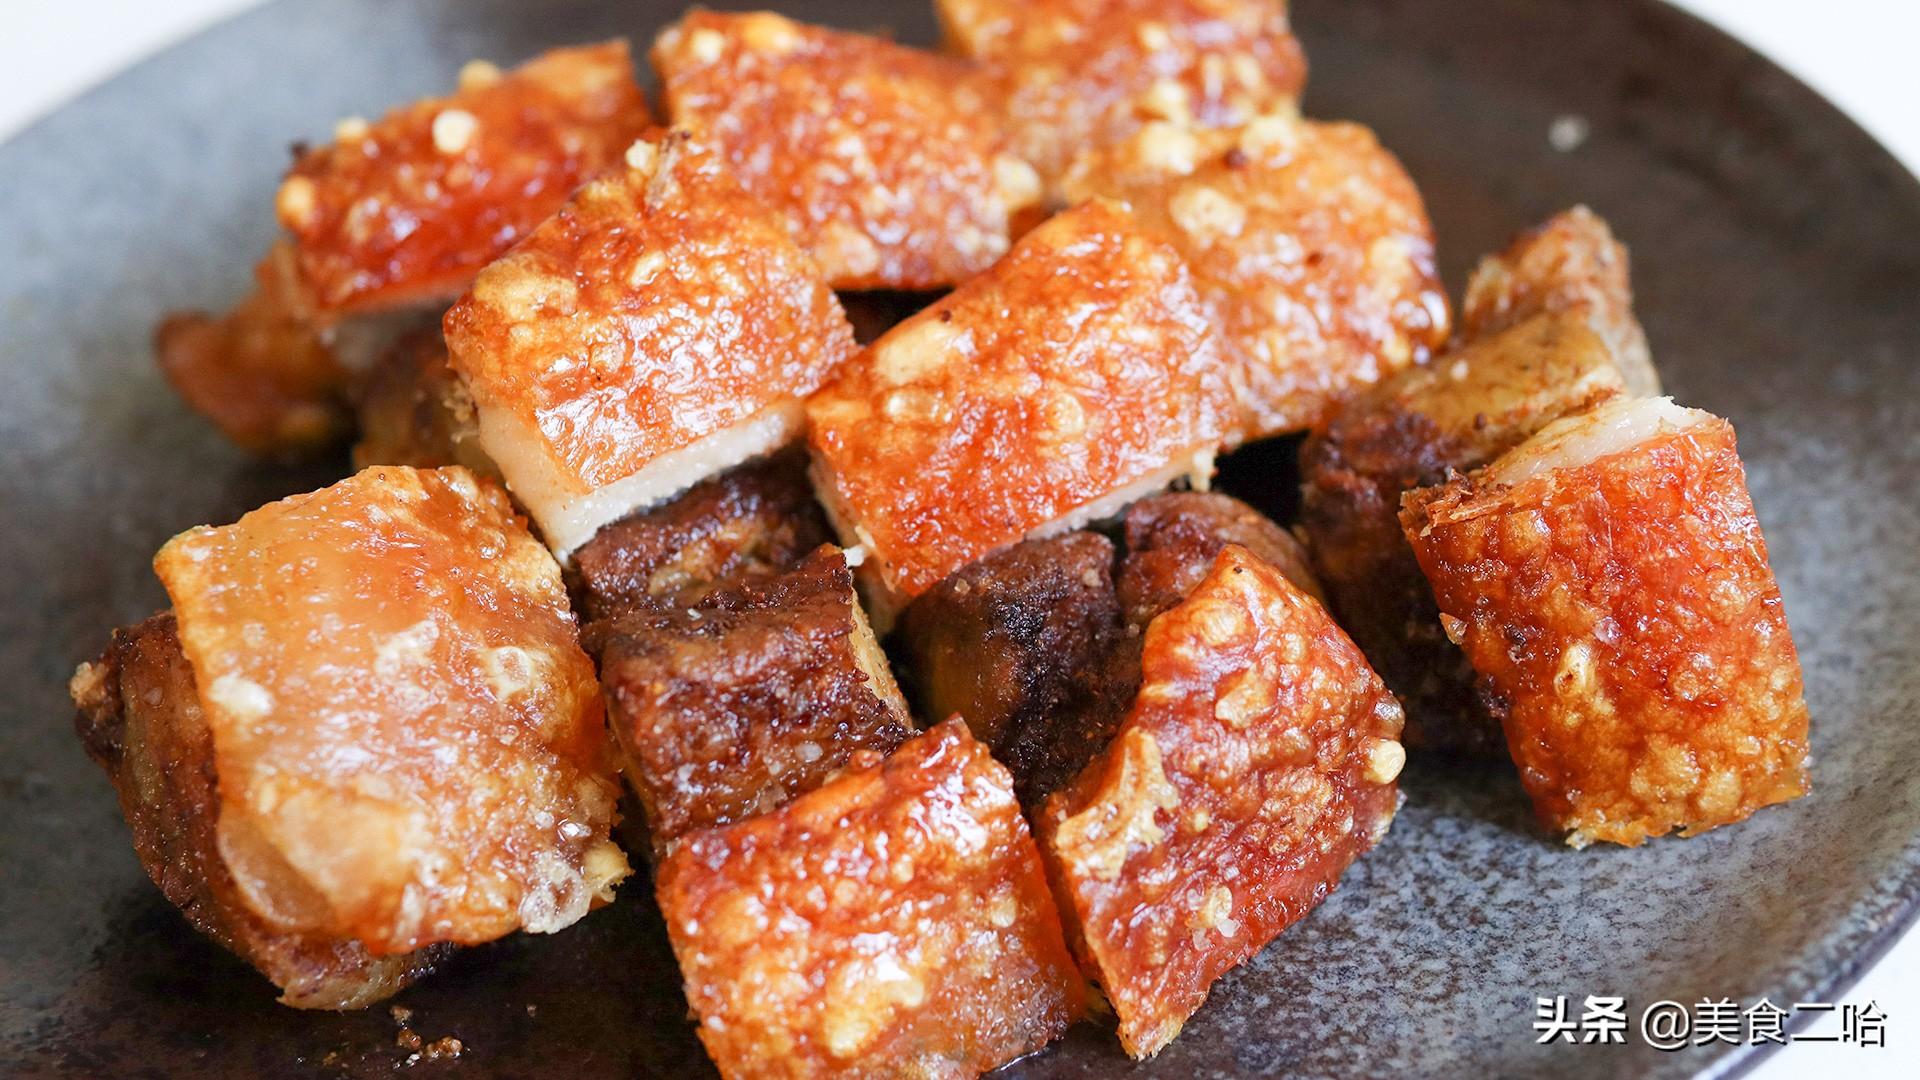 脆皮烤肉:原来烧烤店都是这么做的,酥香不油腻,配上啤酒超过瘾